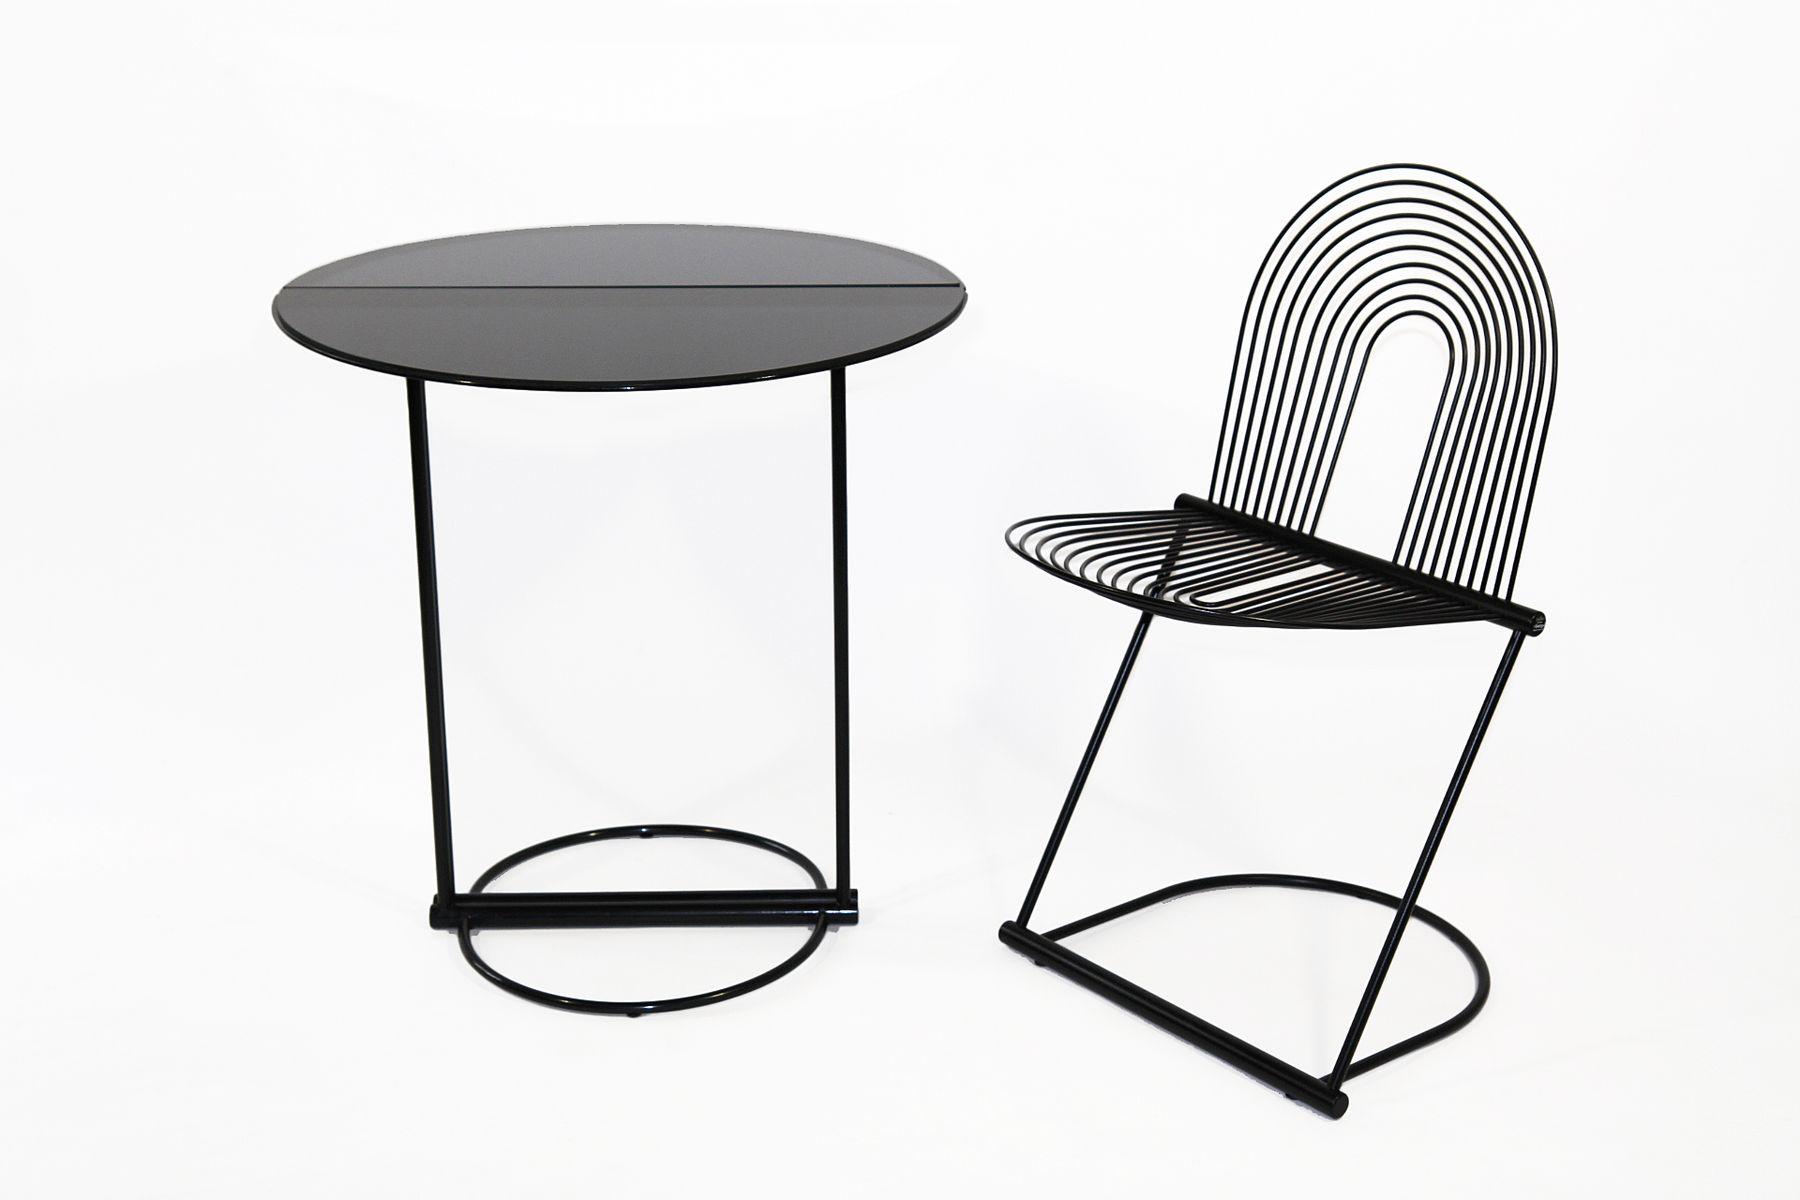 swing tisch und stuhl von jutta herbert ohl f r rosenthal 1982 2er set bei pamono kaufen. Black Bedroom Furniture Sets. Home Design Ideas